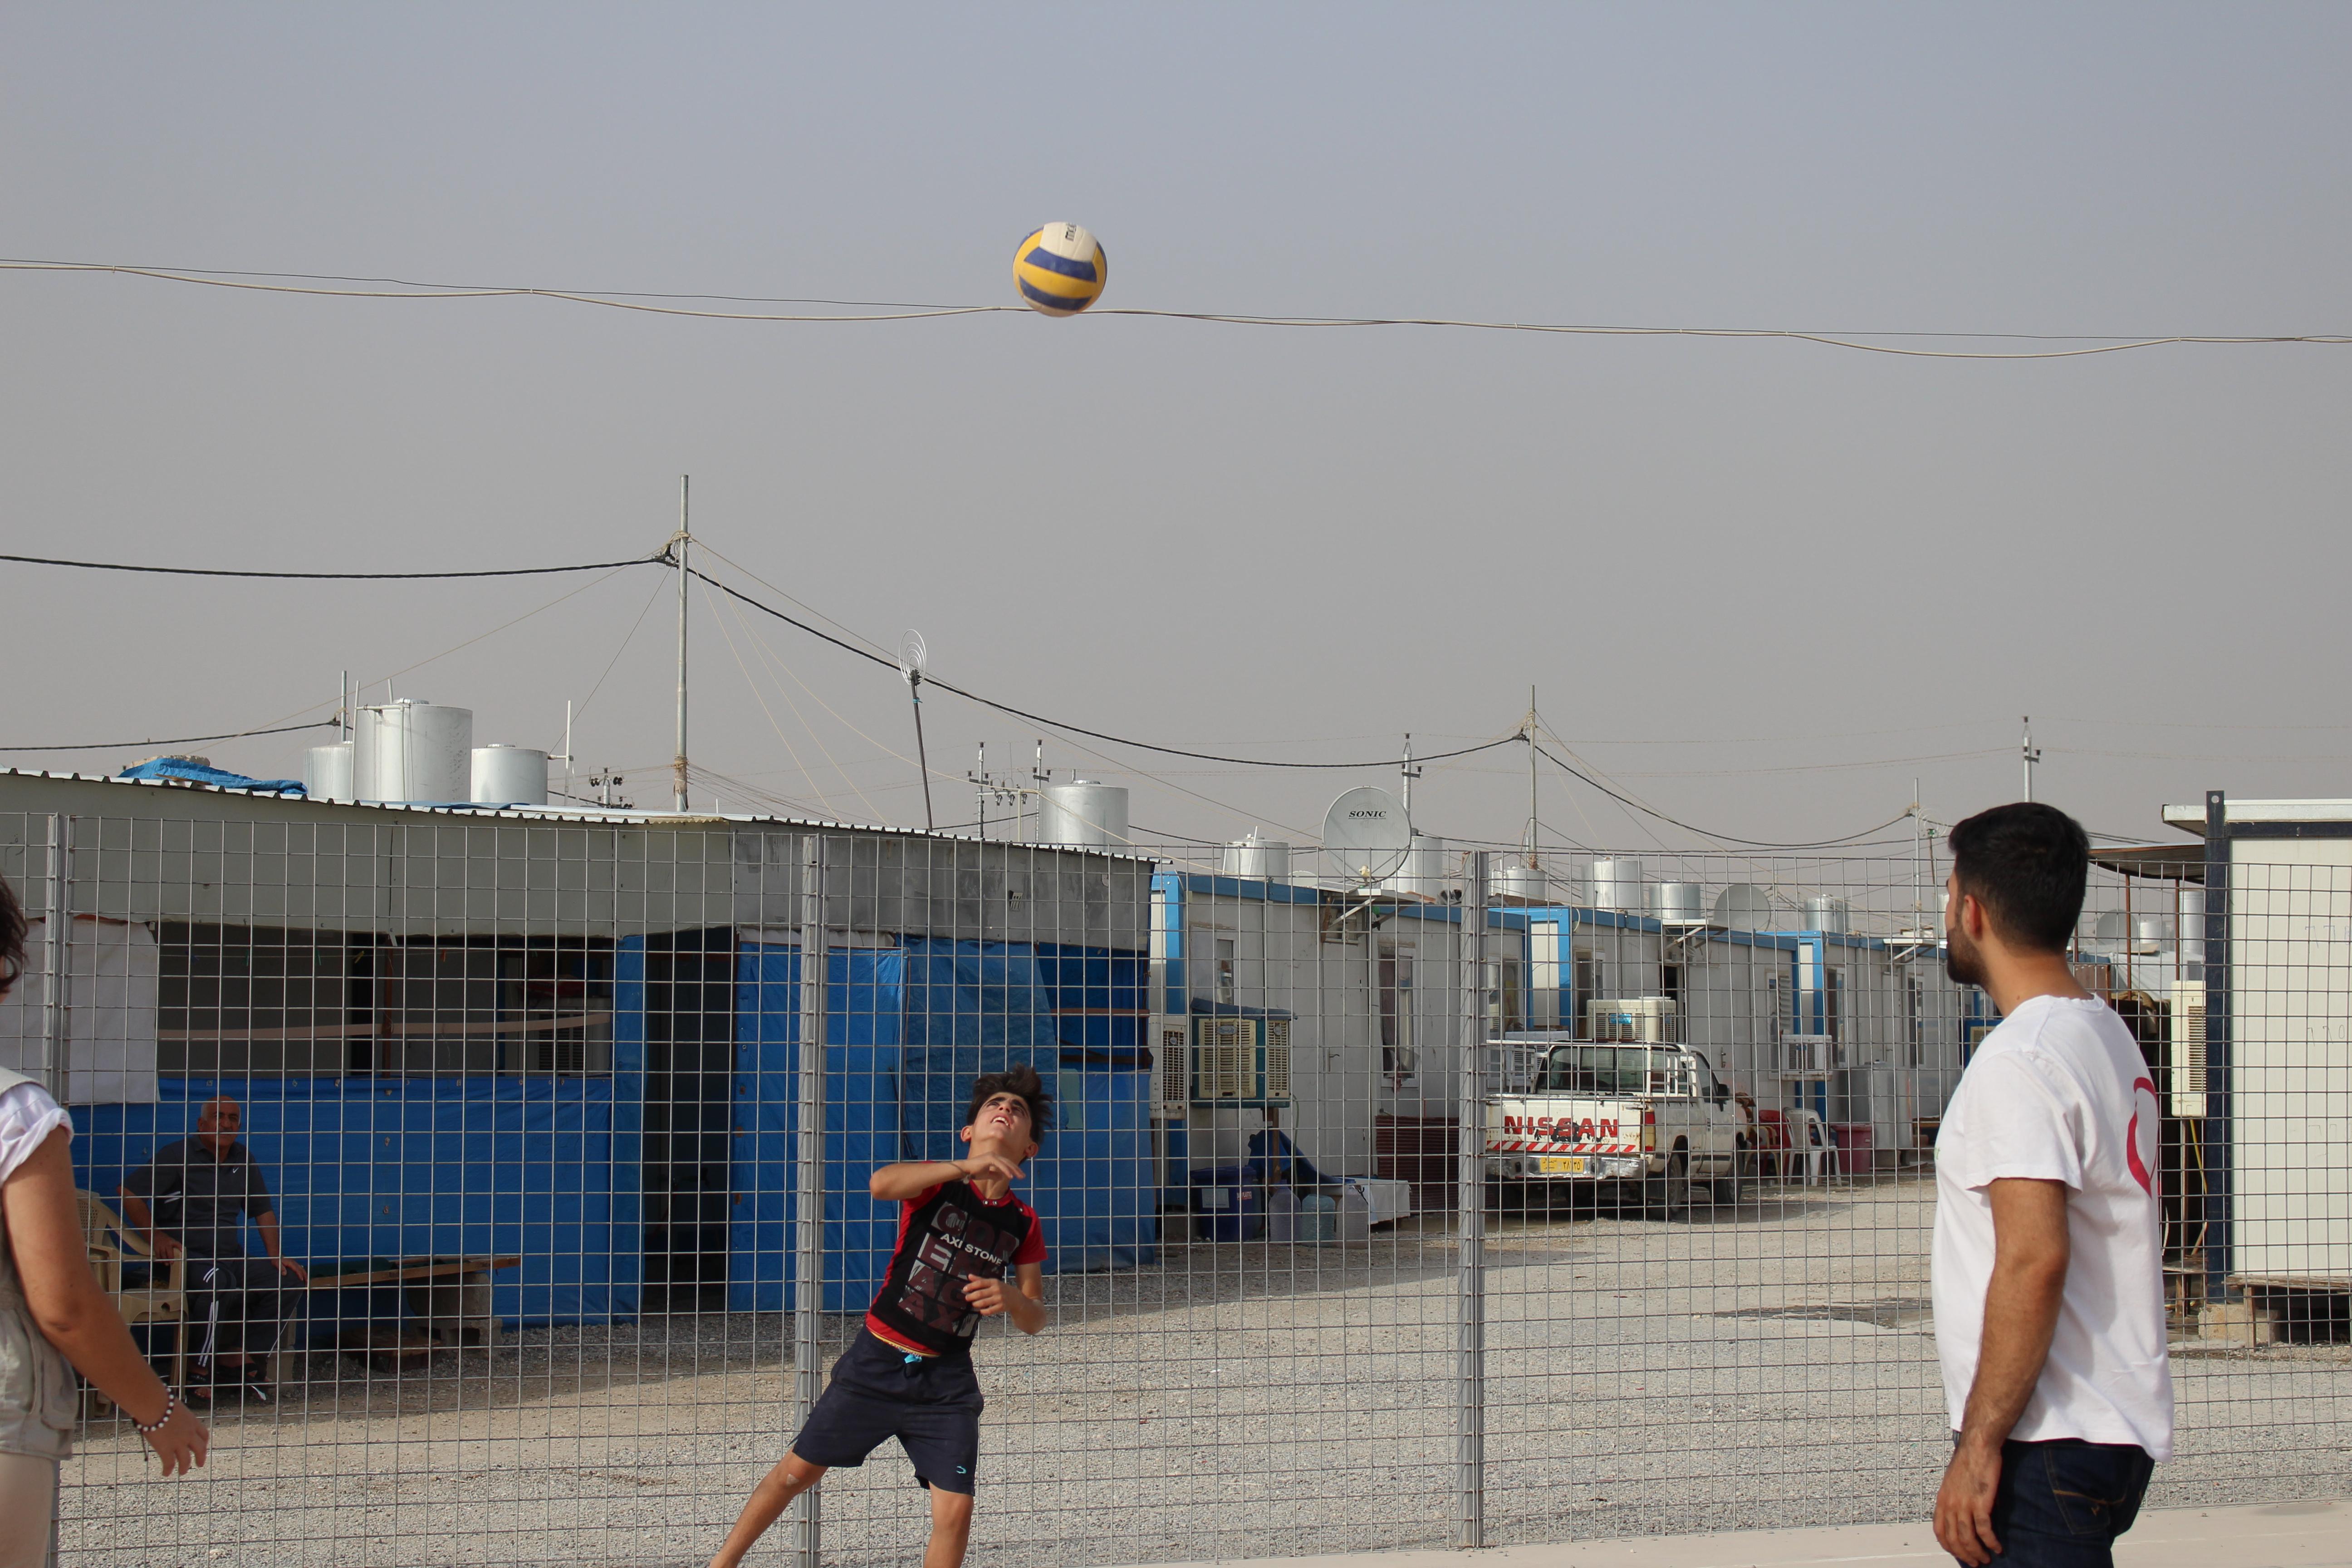 Pour s'évader du quotidien, une partie de Volley-ball s'est organisée à Ankawa, ville d'accueil pour les chrétiens d'Irak. © Sylvain Dorient